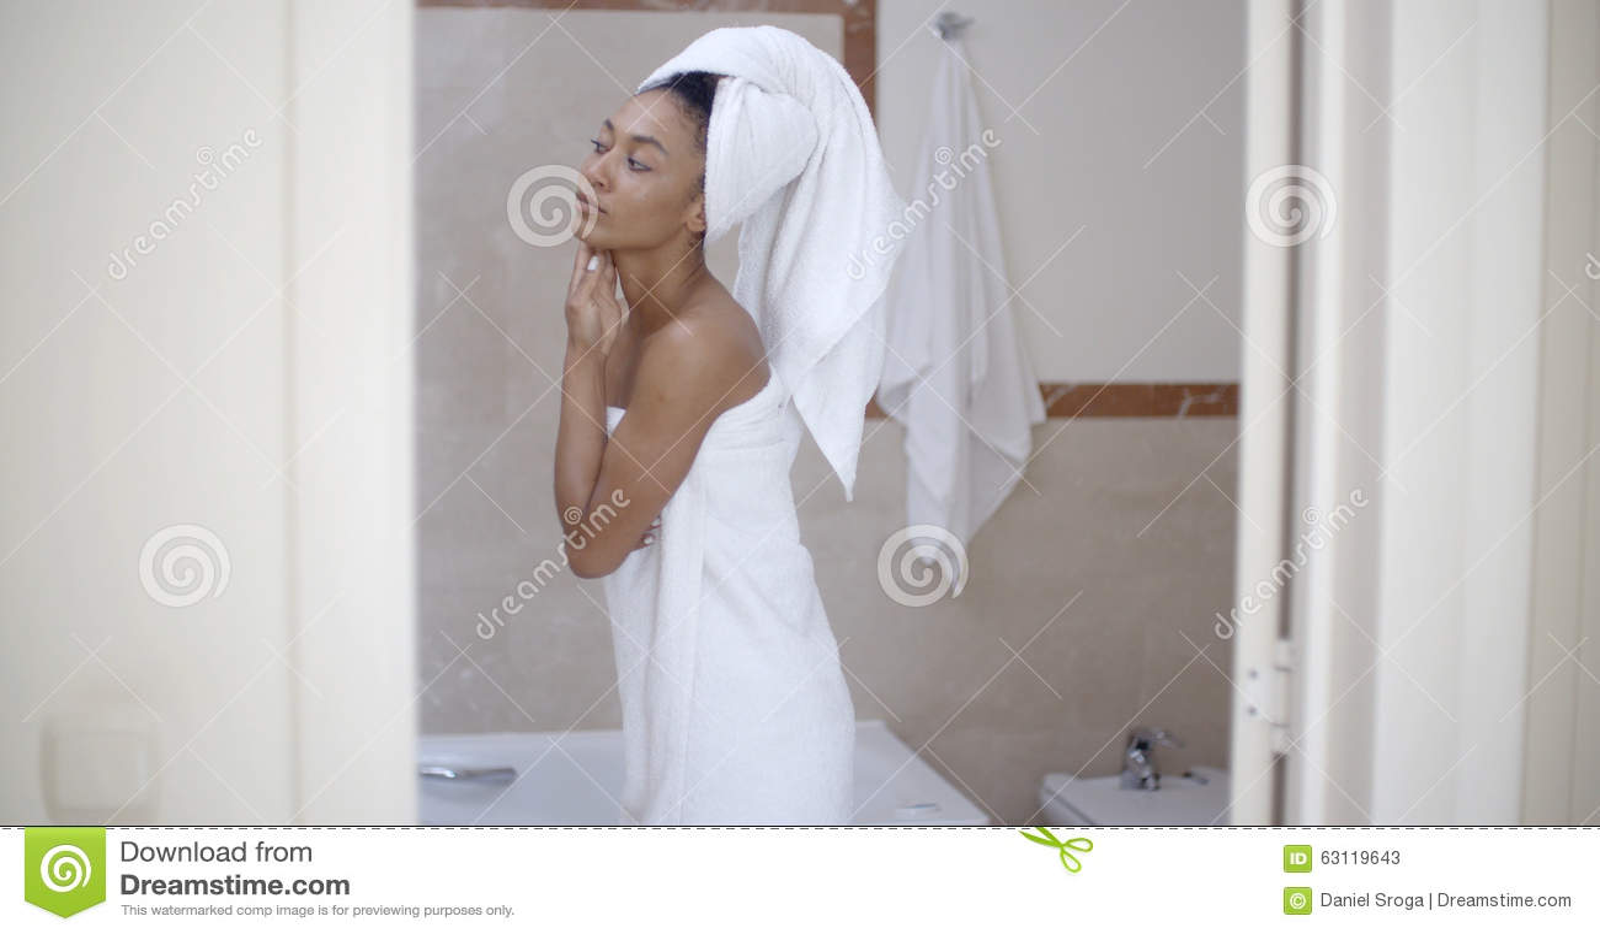 Femme avec la serviette sur la t te dans la salle de bains photo stock image 63119643 for Comfemme nue dans la salle de bain